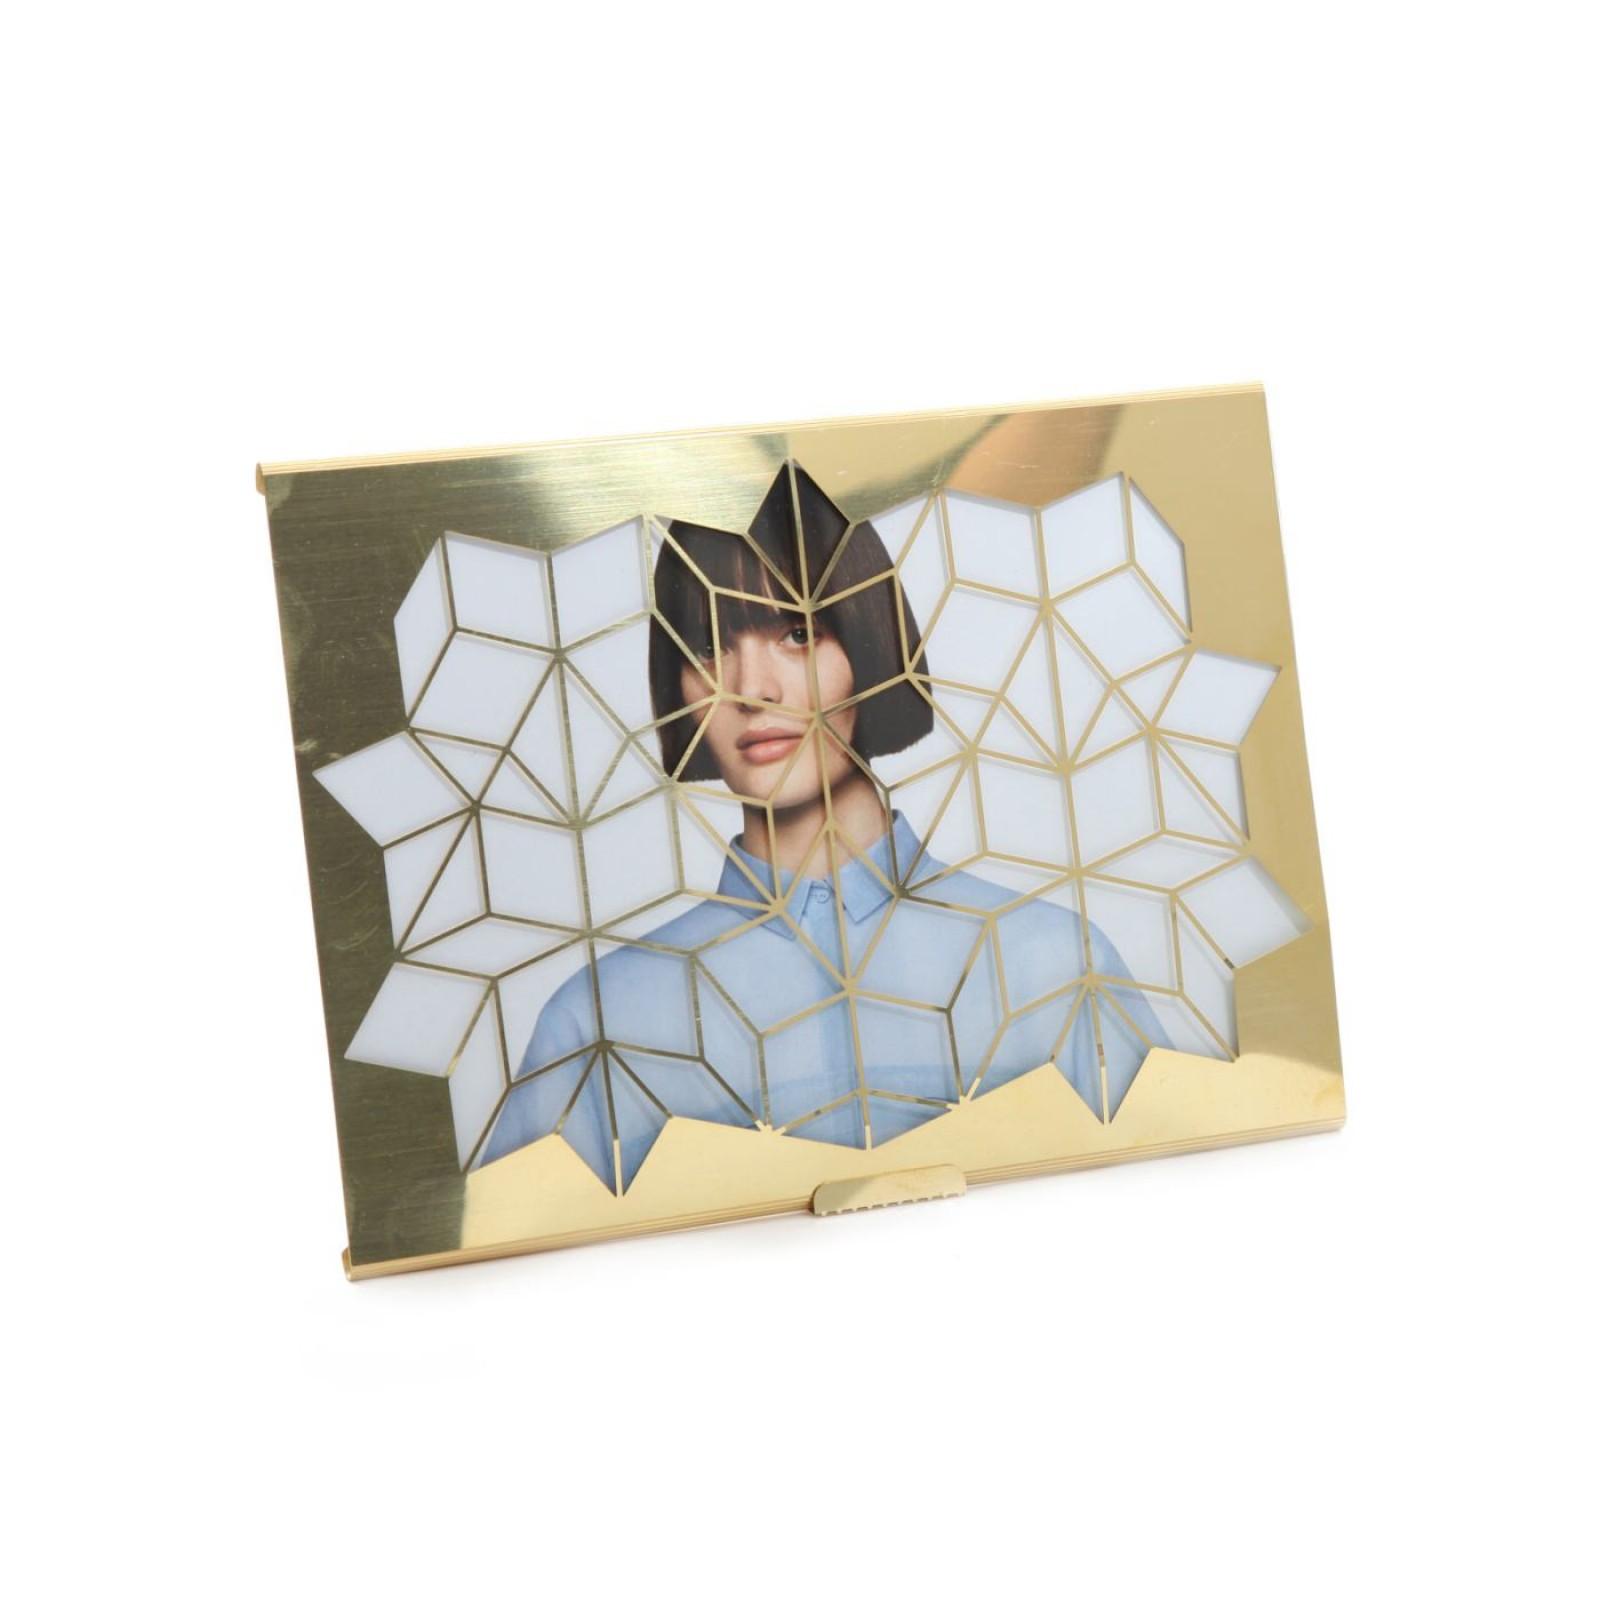 Κορνίζα Dürer (Μπρούτζος / Μικρή) - The Fundamental Group